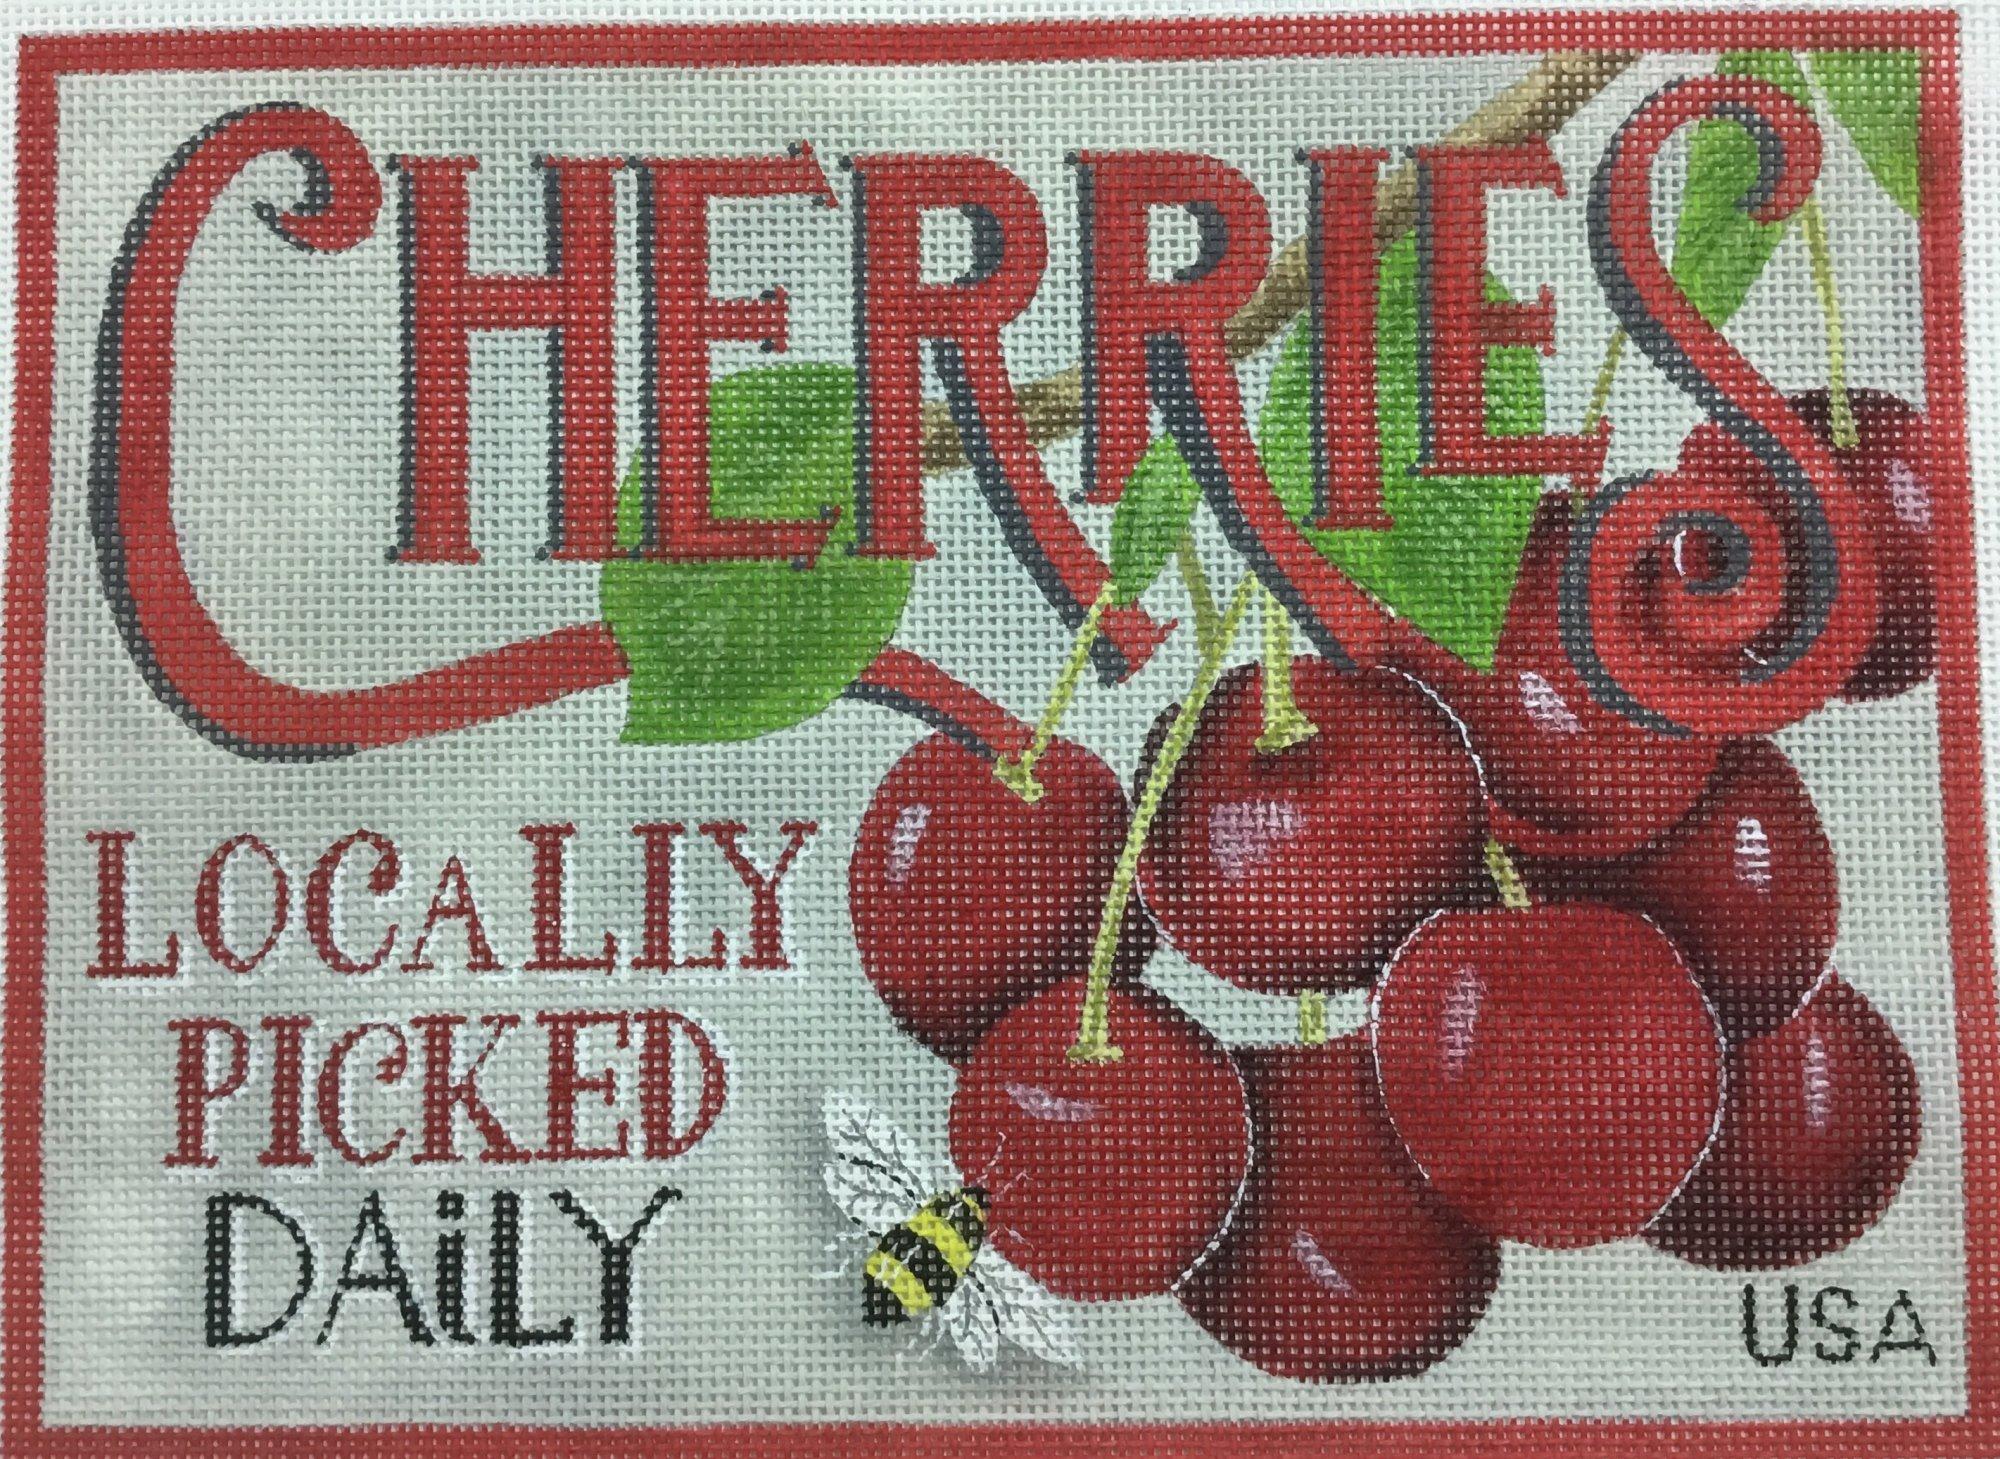 Cherries,13 ct.,8x11